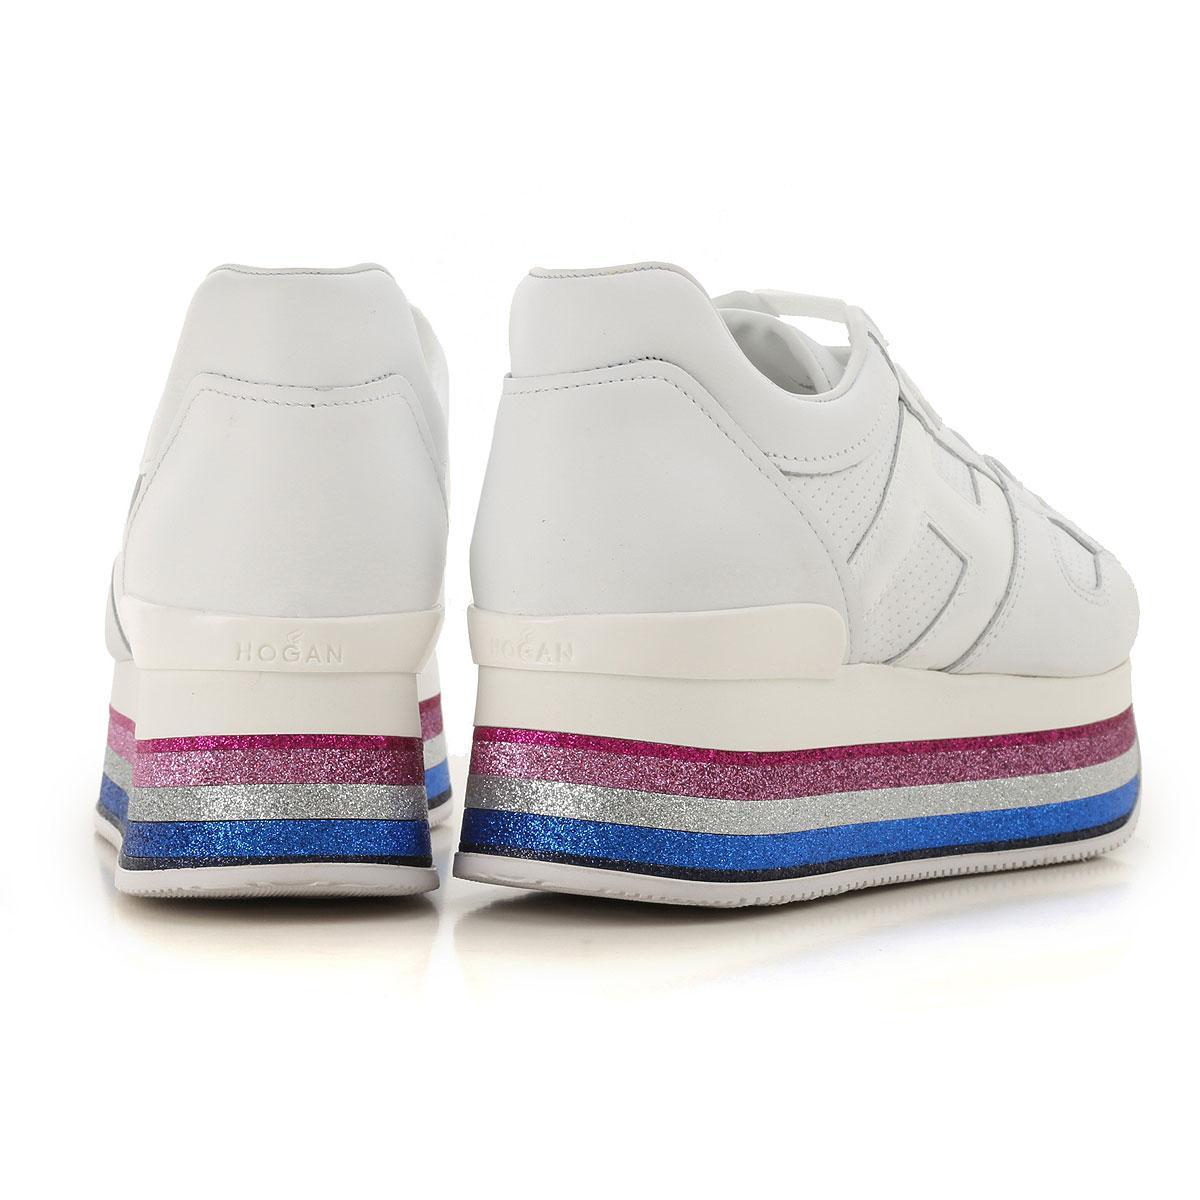 Hogan Sneakers For Women On Sale In